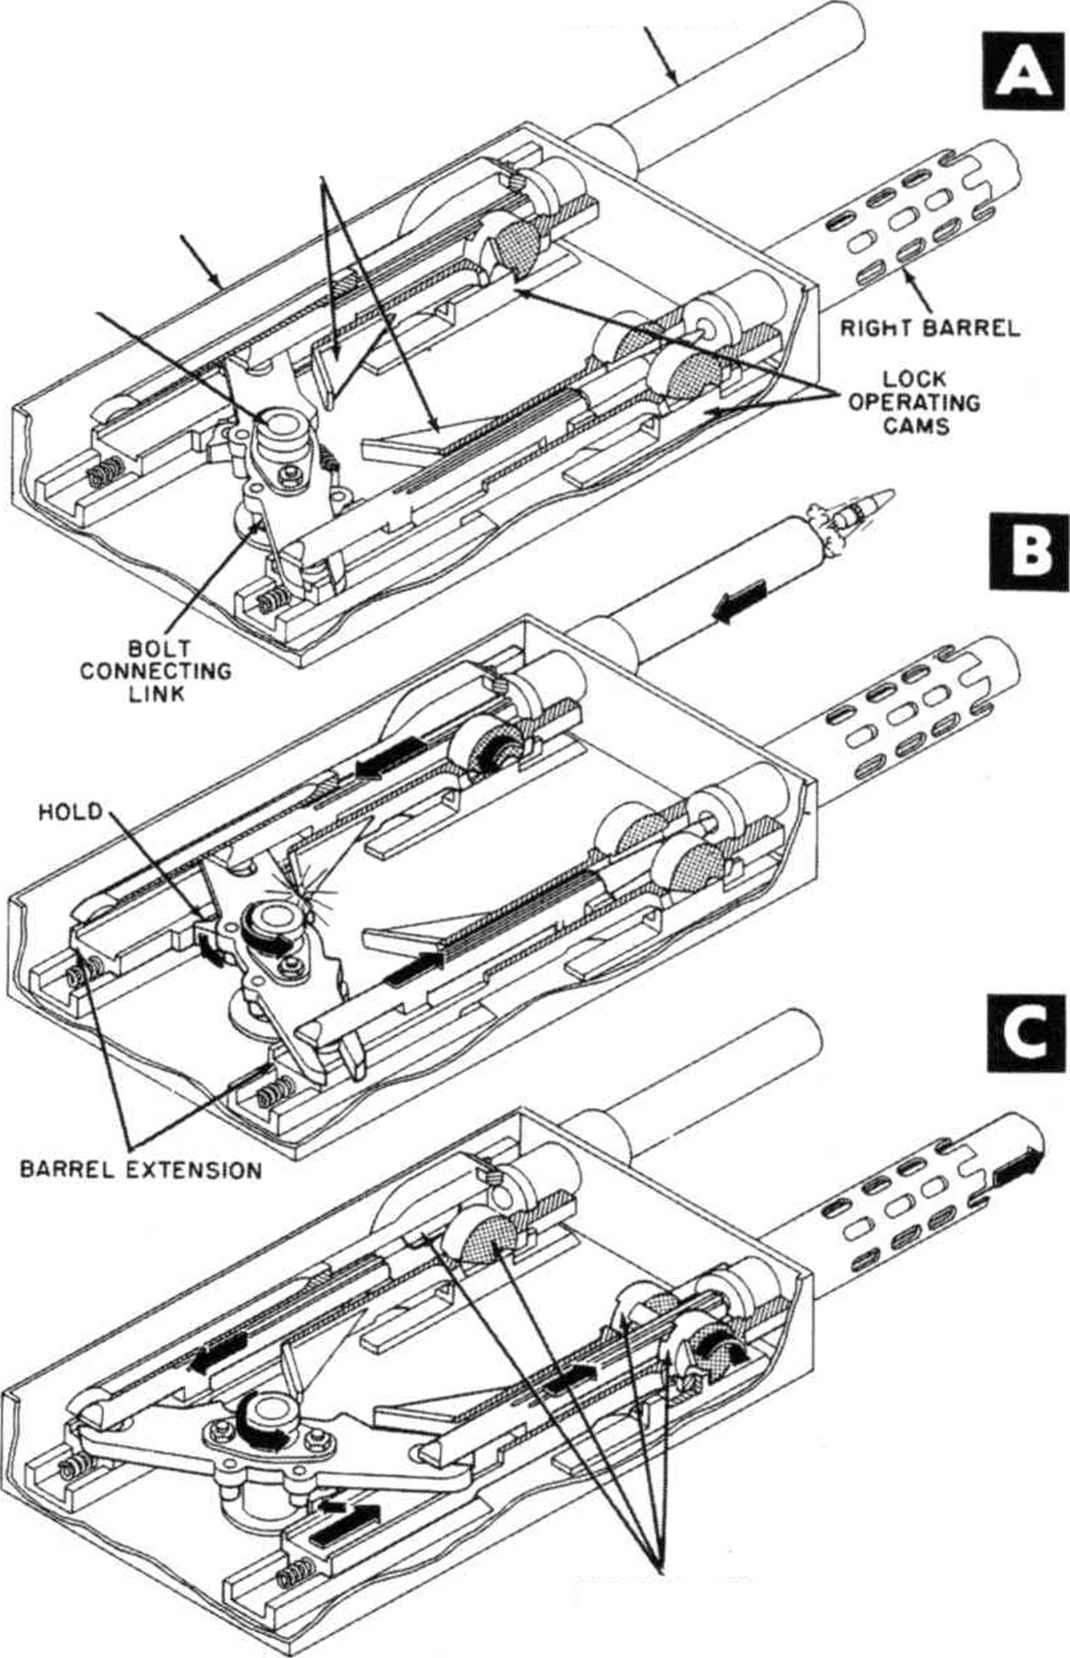 Longrecoil Mechanisms